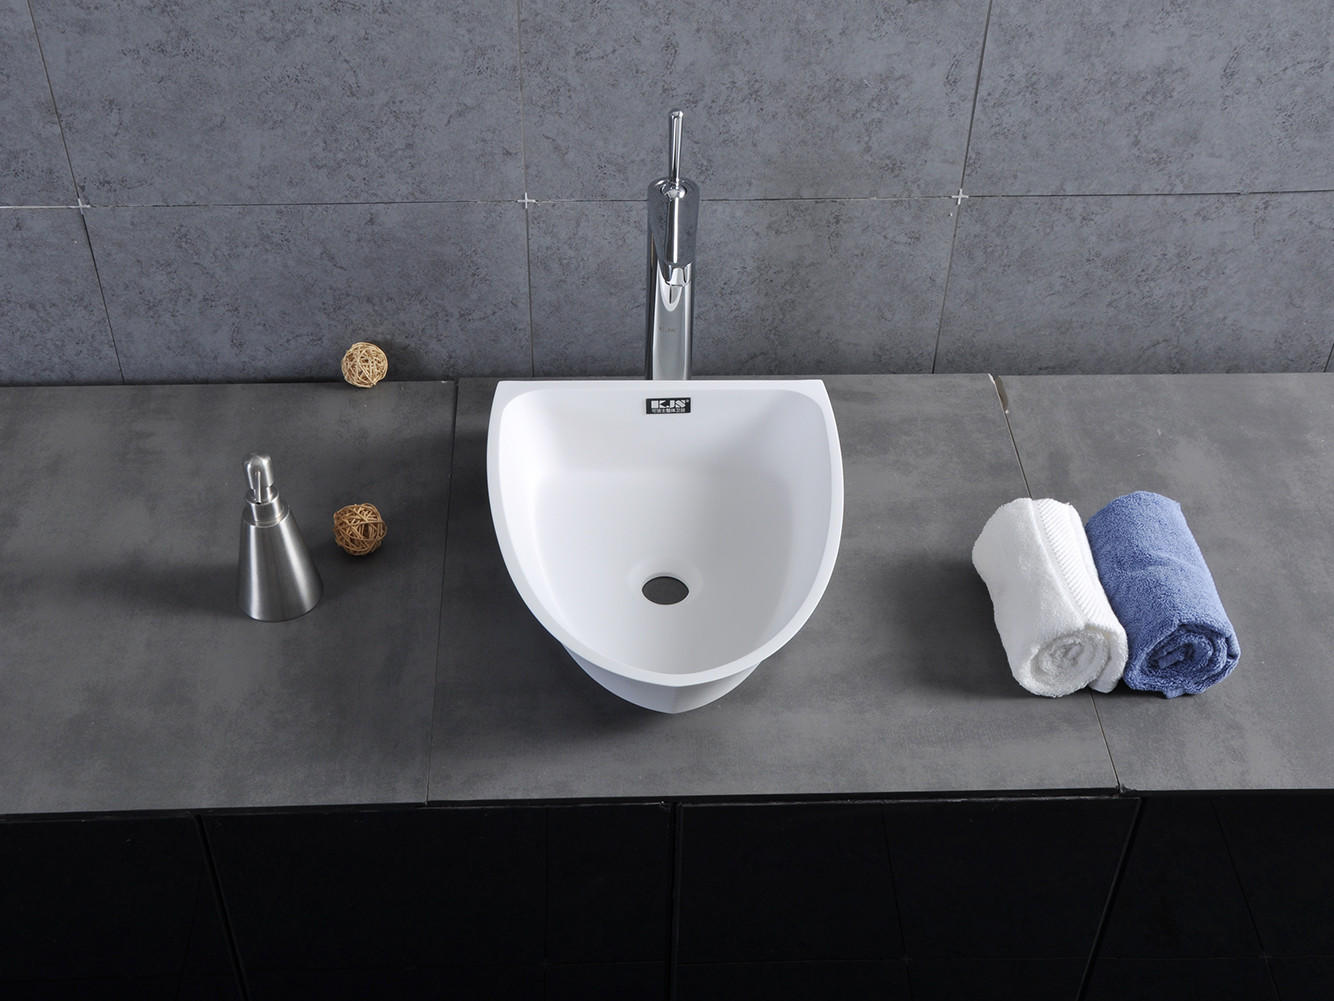 Bellissimo-Boat Shape Design Resin Solid Surface Wash Basin Bathroom Sink Bs-8345